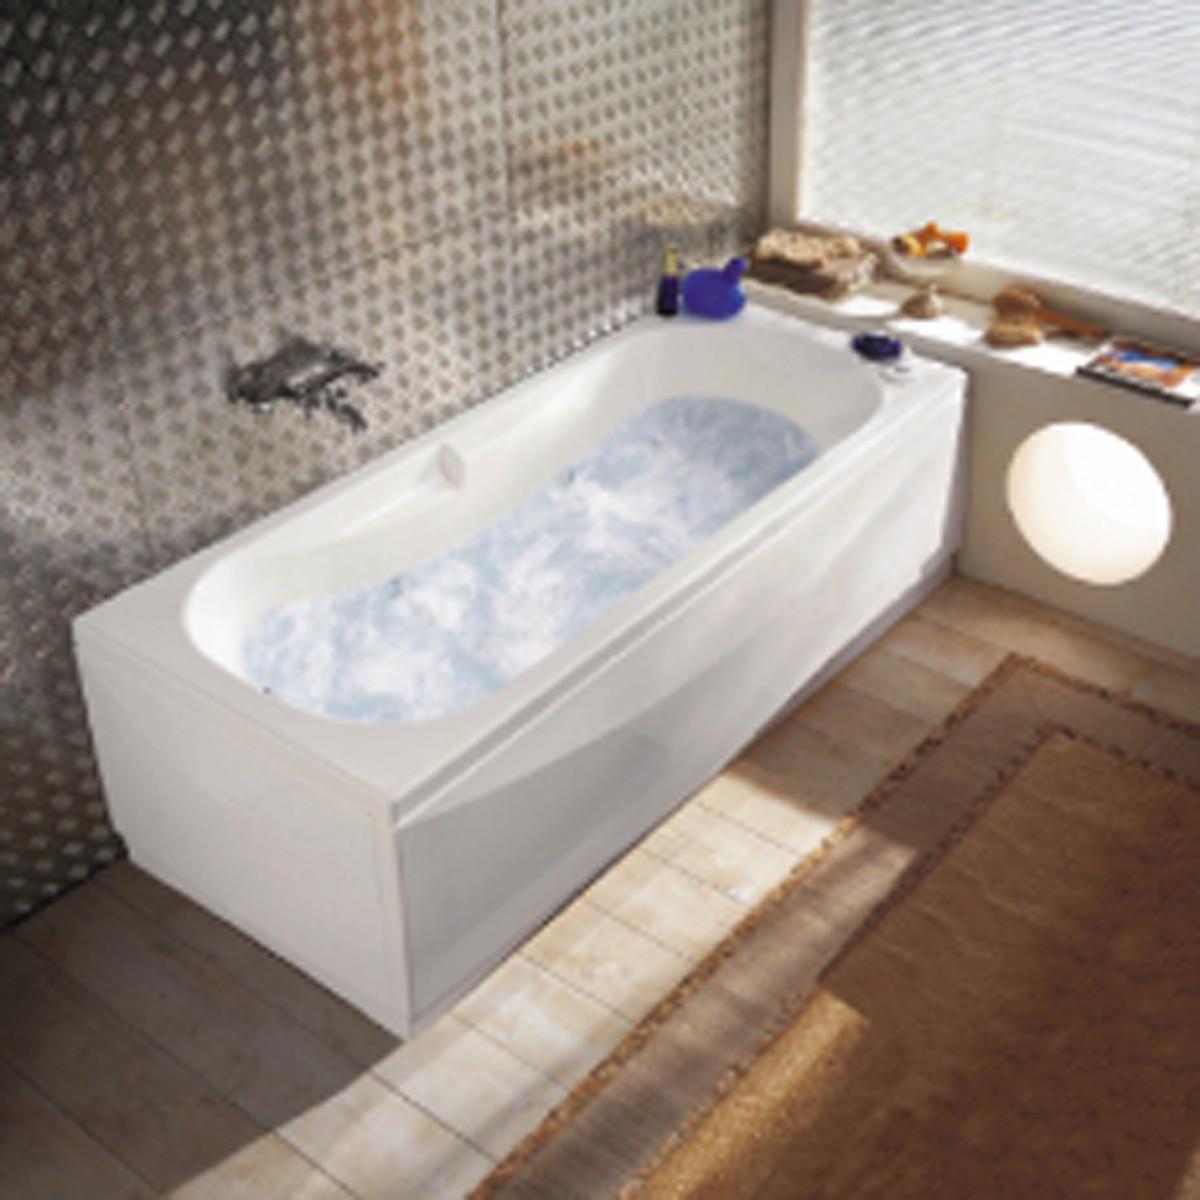 Vasche idromassaggio: prezzi e offerte online per vasche idromassaggio